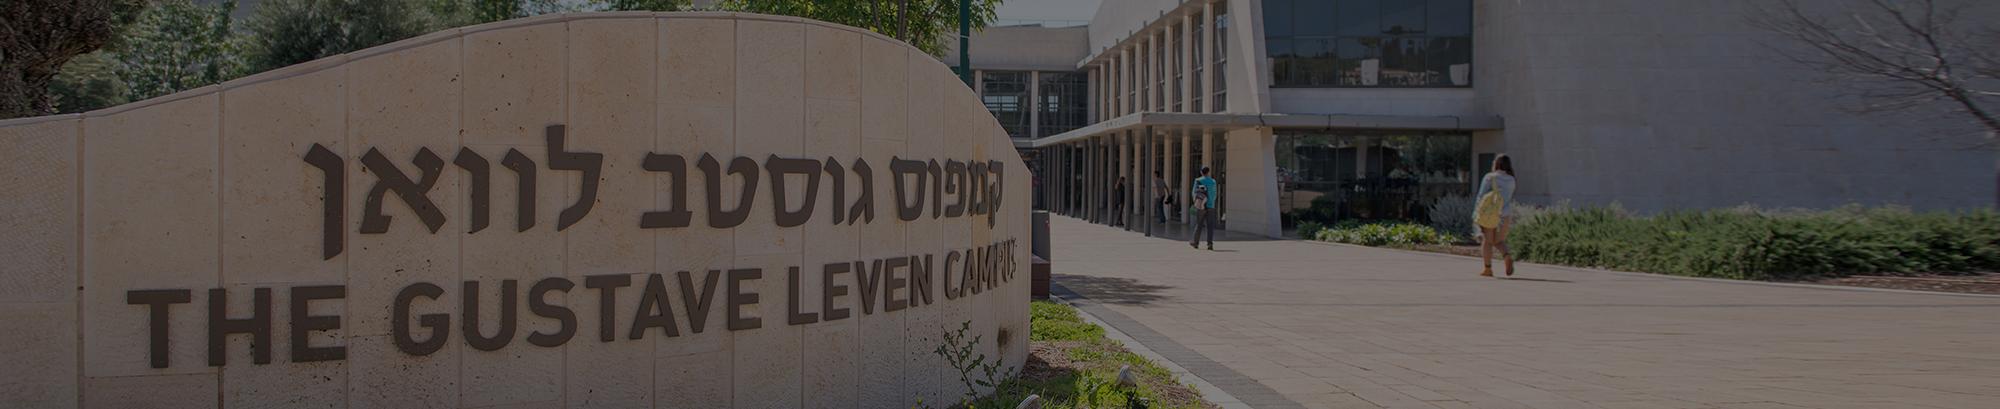 Campus Leven